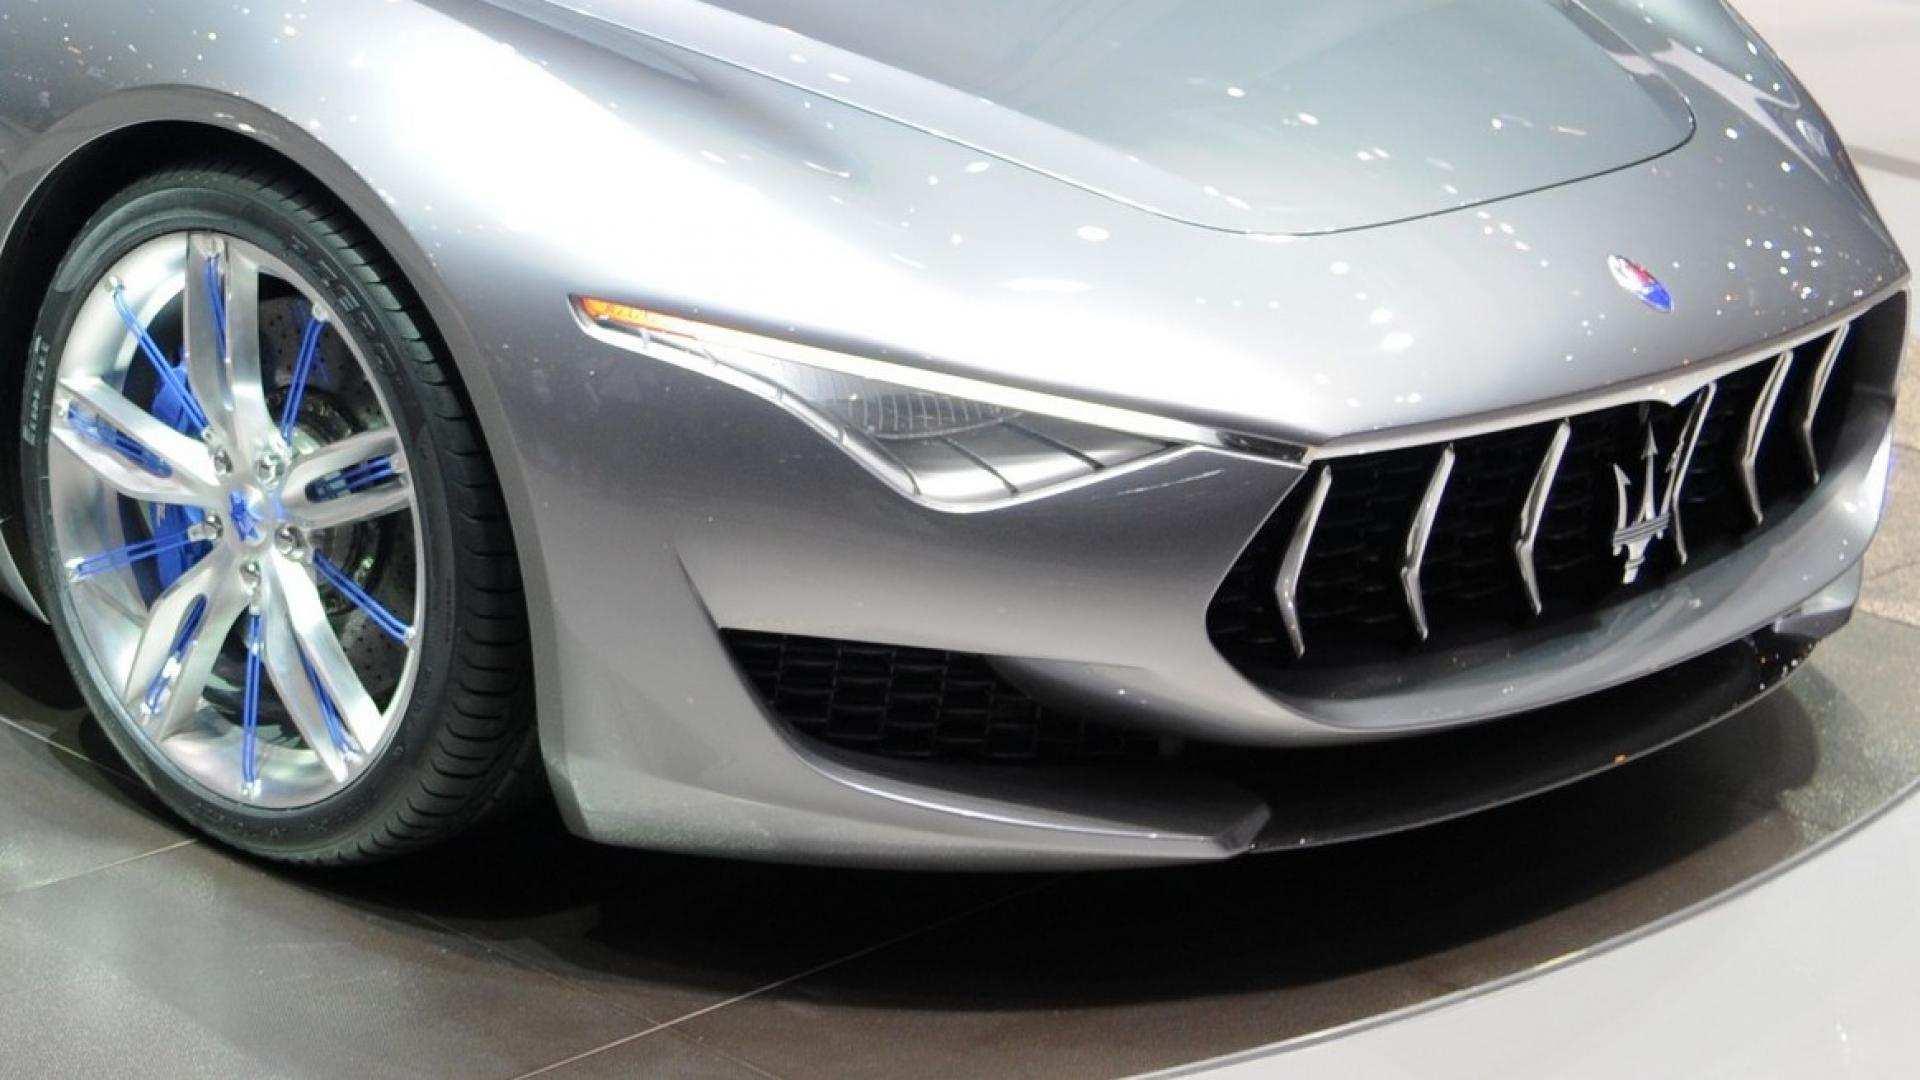 28 New Maserati Elettrica 2019 History for Maserati Elettrica 2019